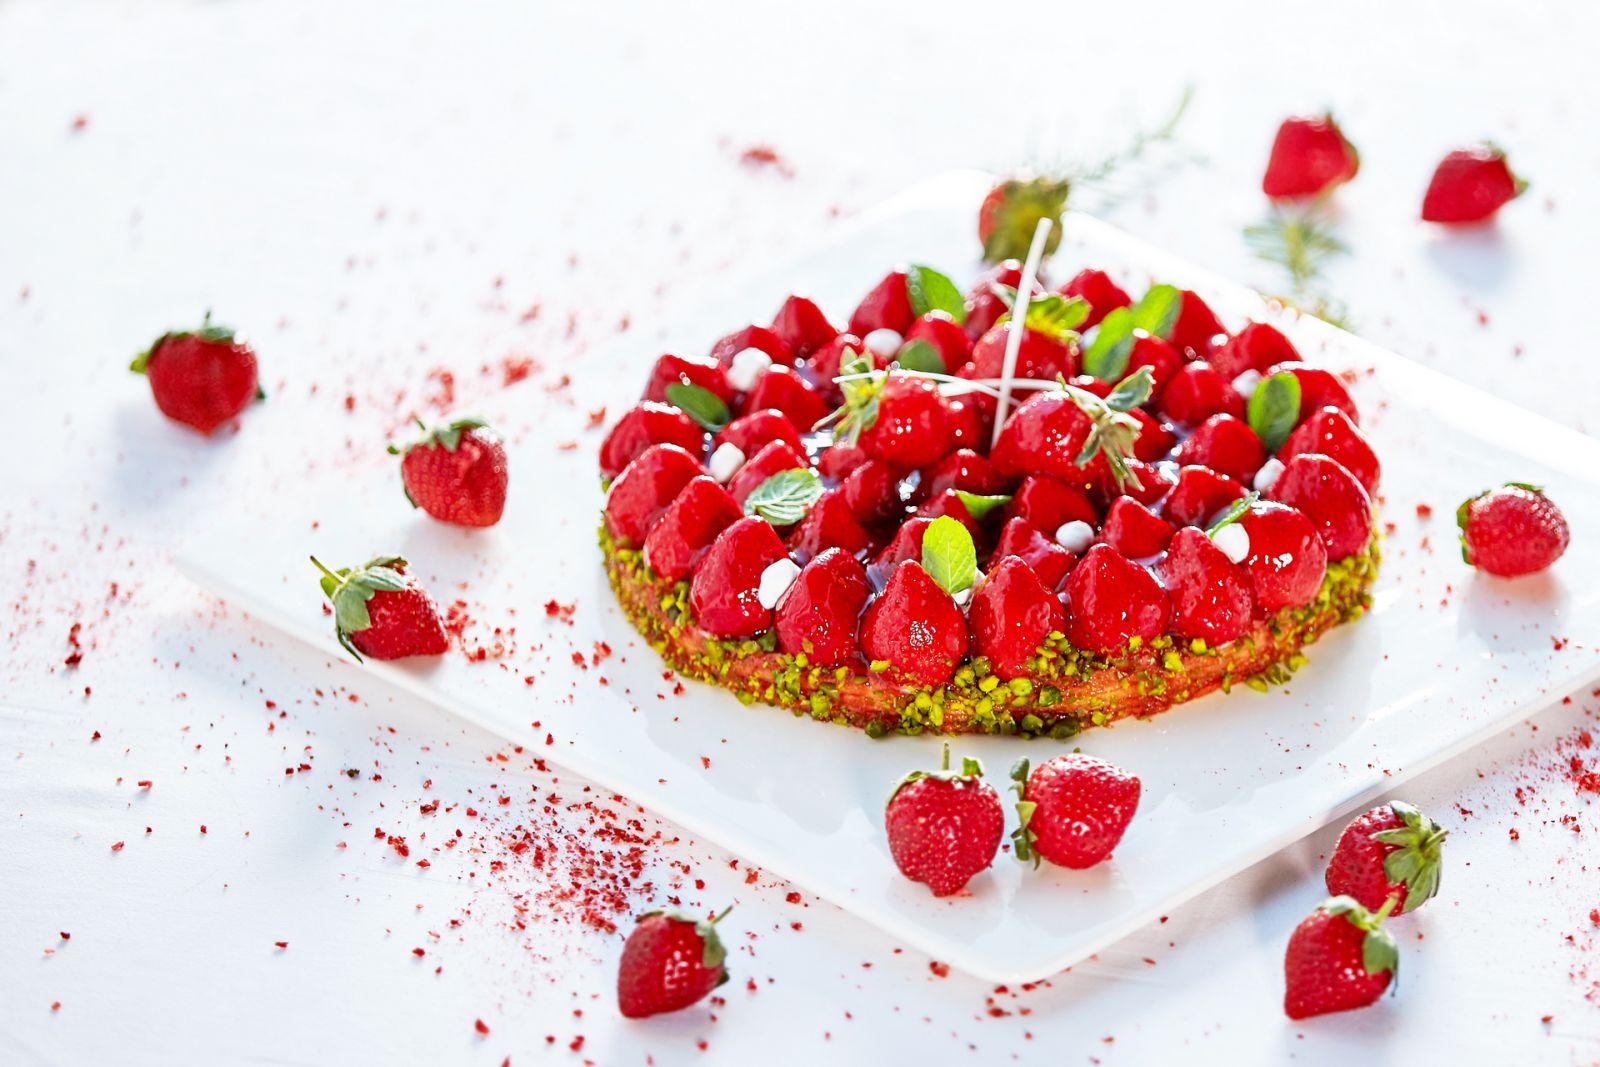 【莓好滋味 粉紅盛宴】摘星草莓宴